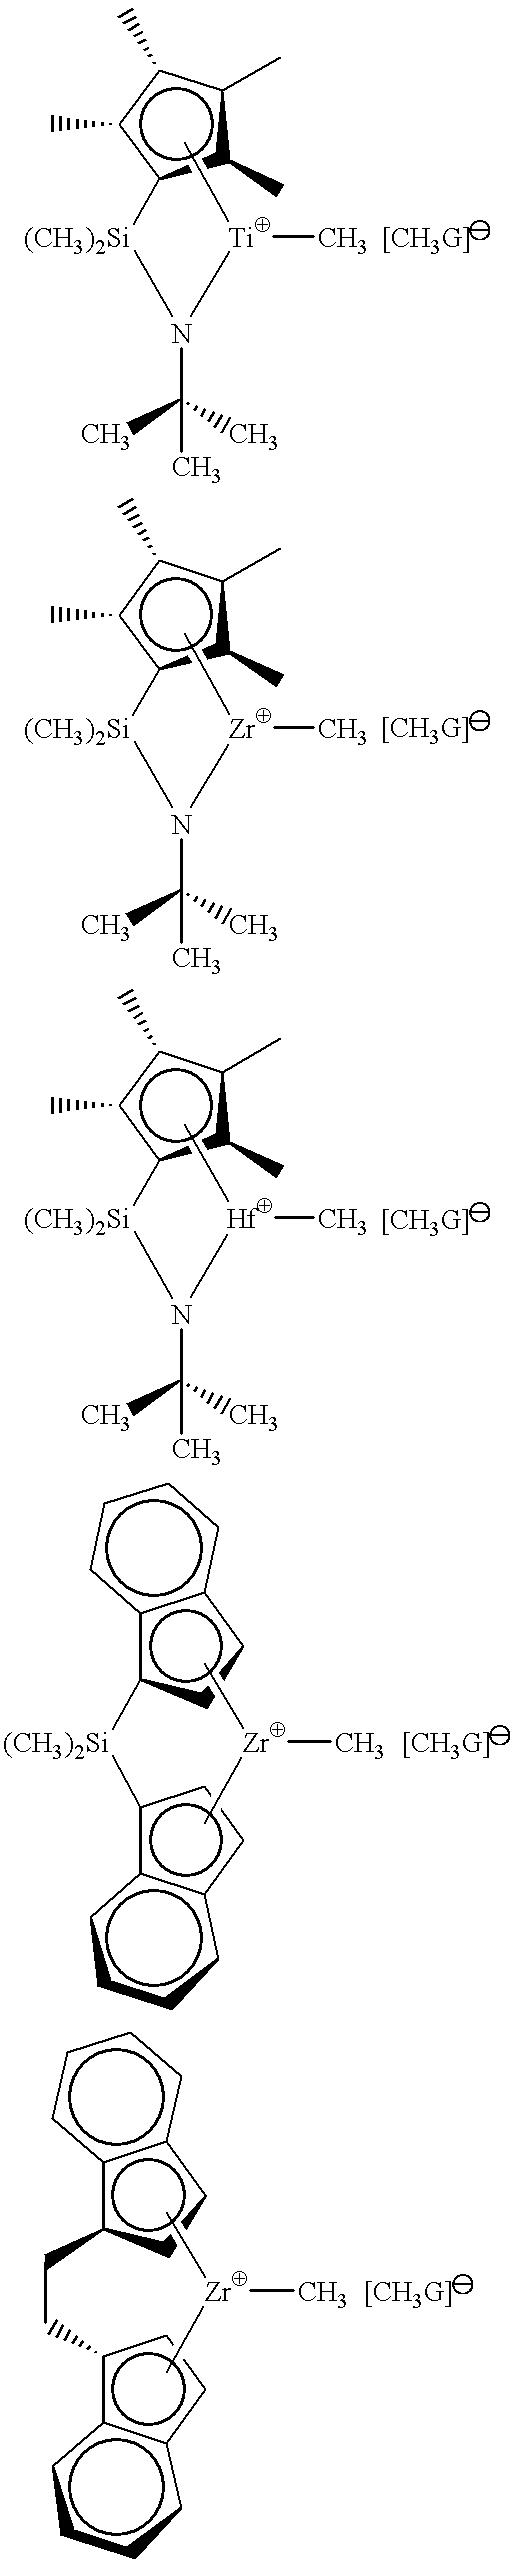 Figure US06403732-20020611-C00003